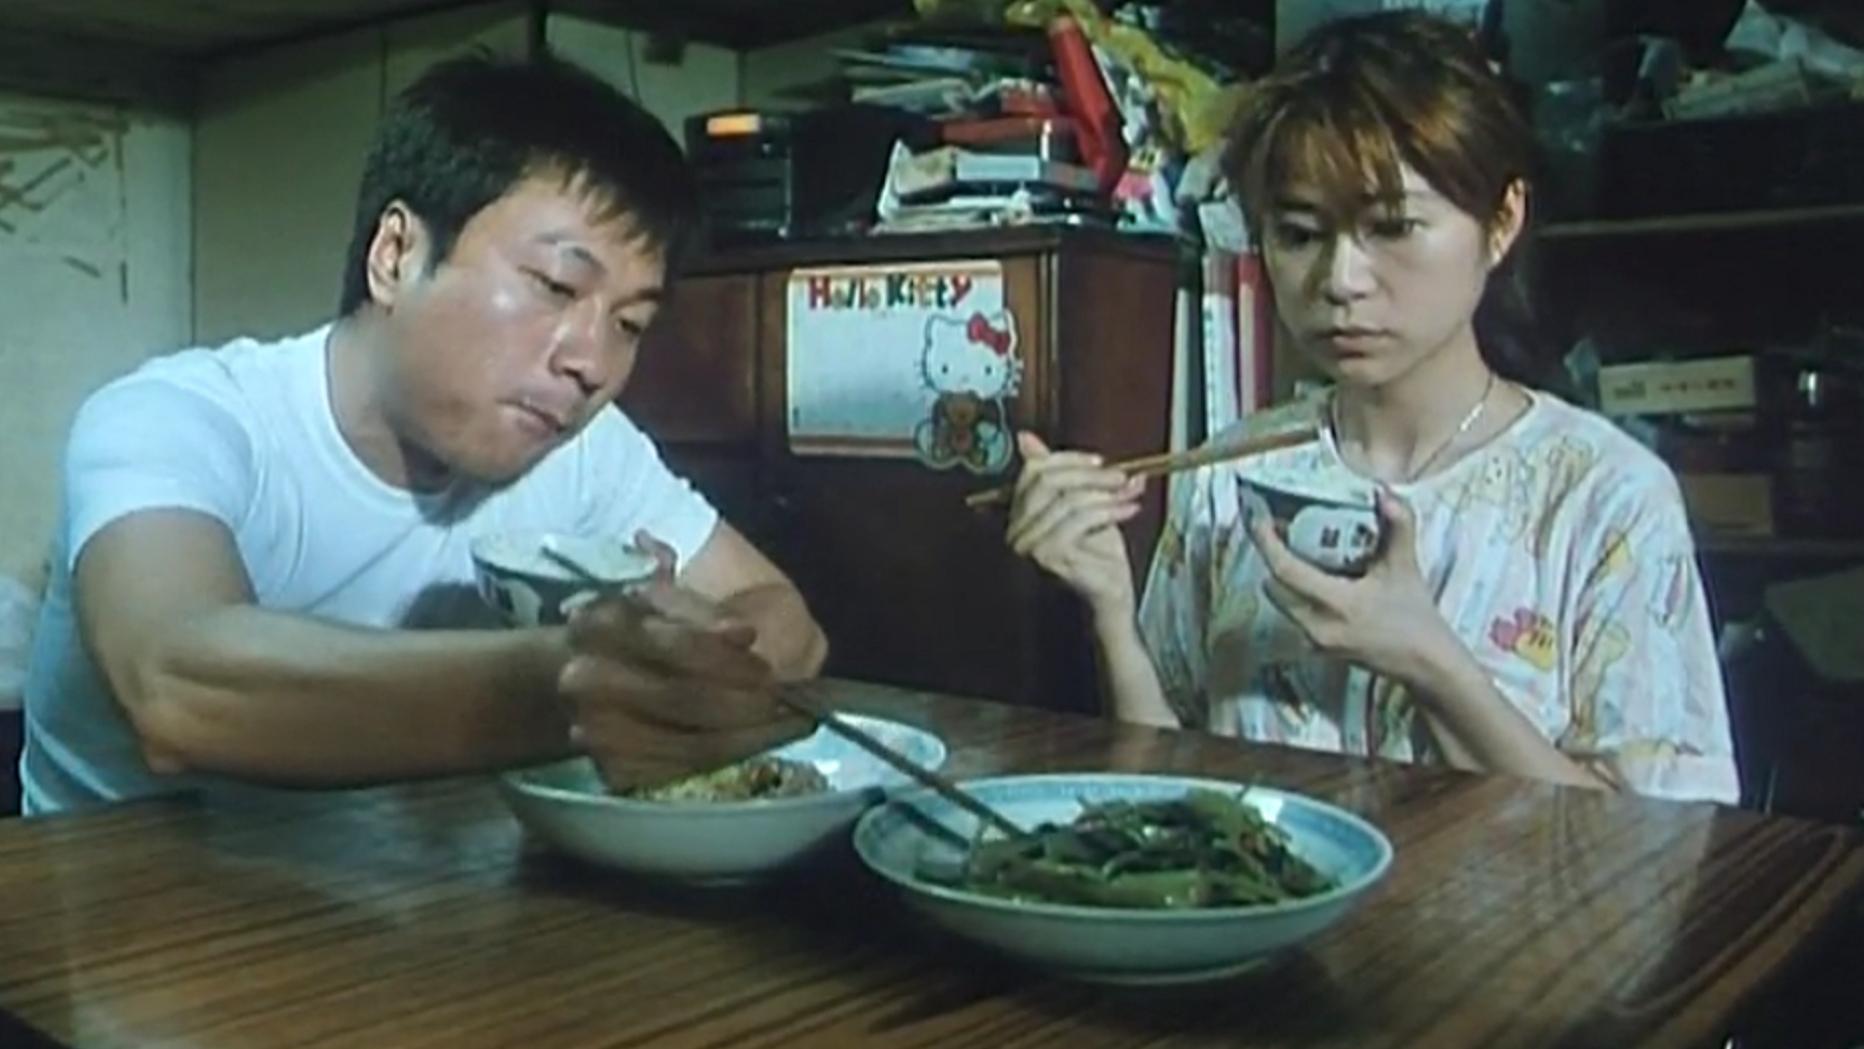 妻子从来不买肉,家里却顿顿有肉吃,丈夫不敢吃更不敢问